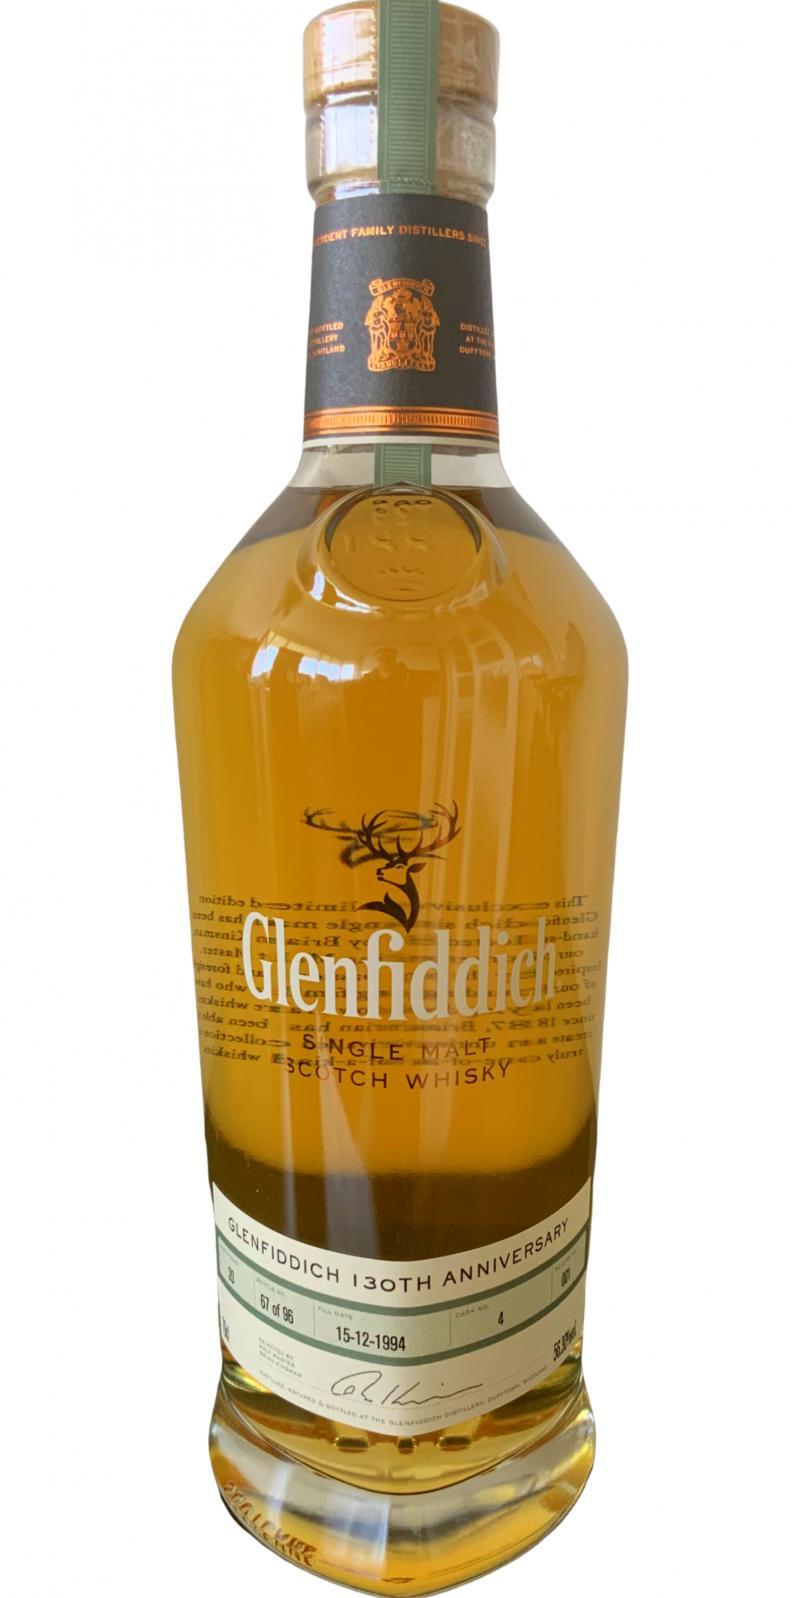 Glenfiddich 20-year-old